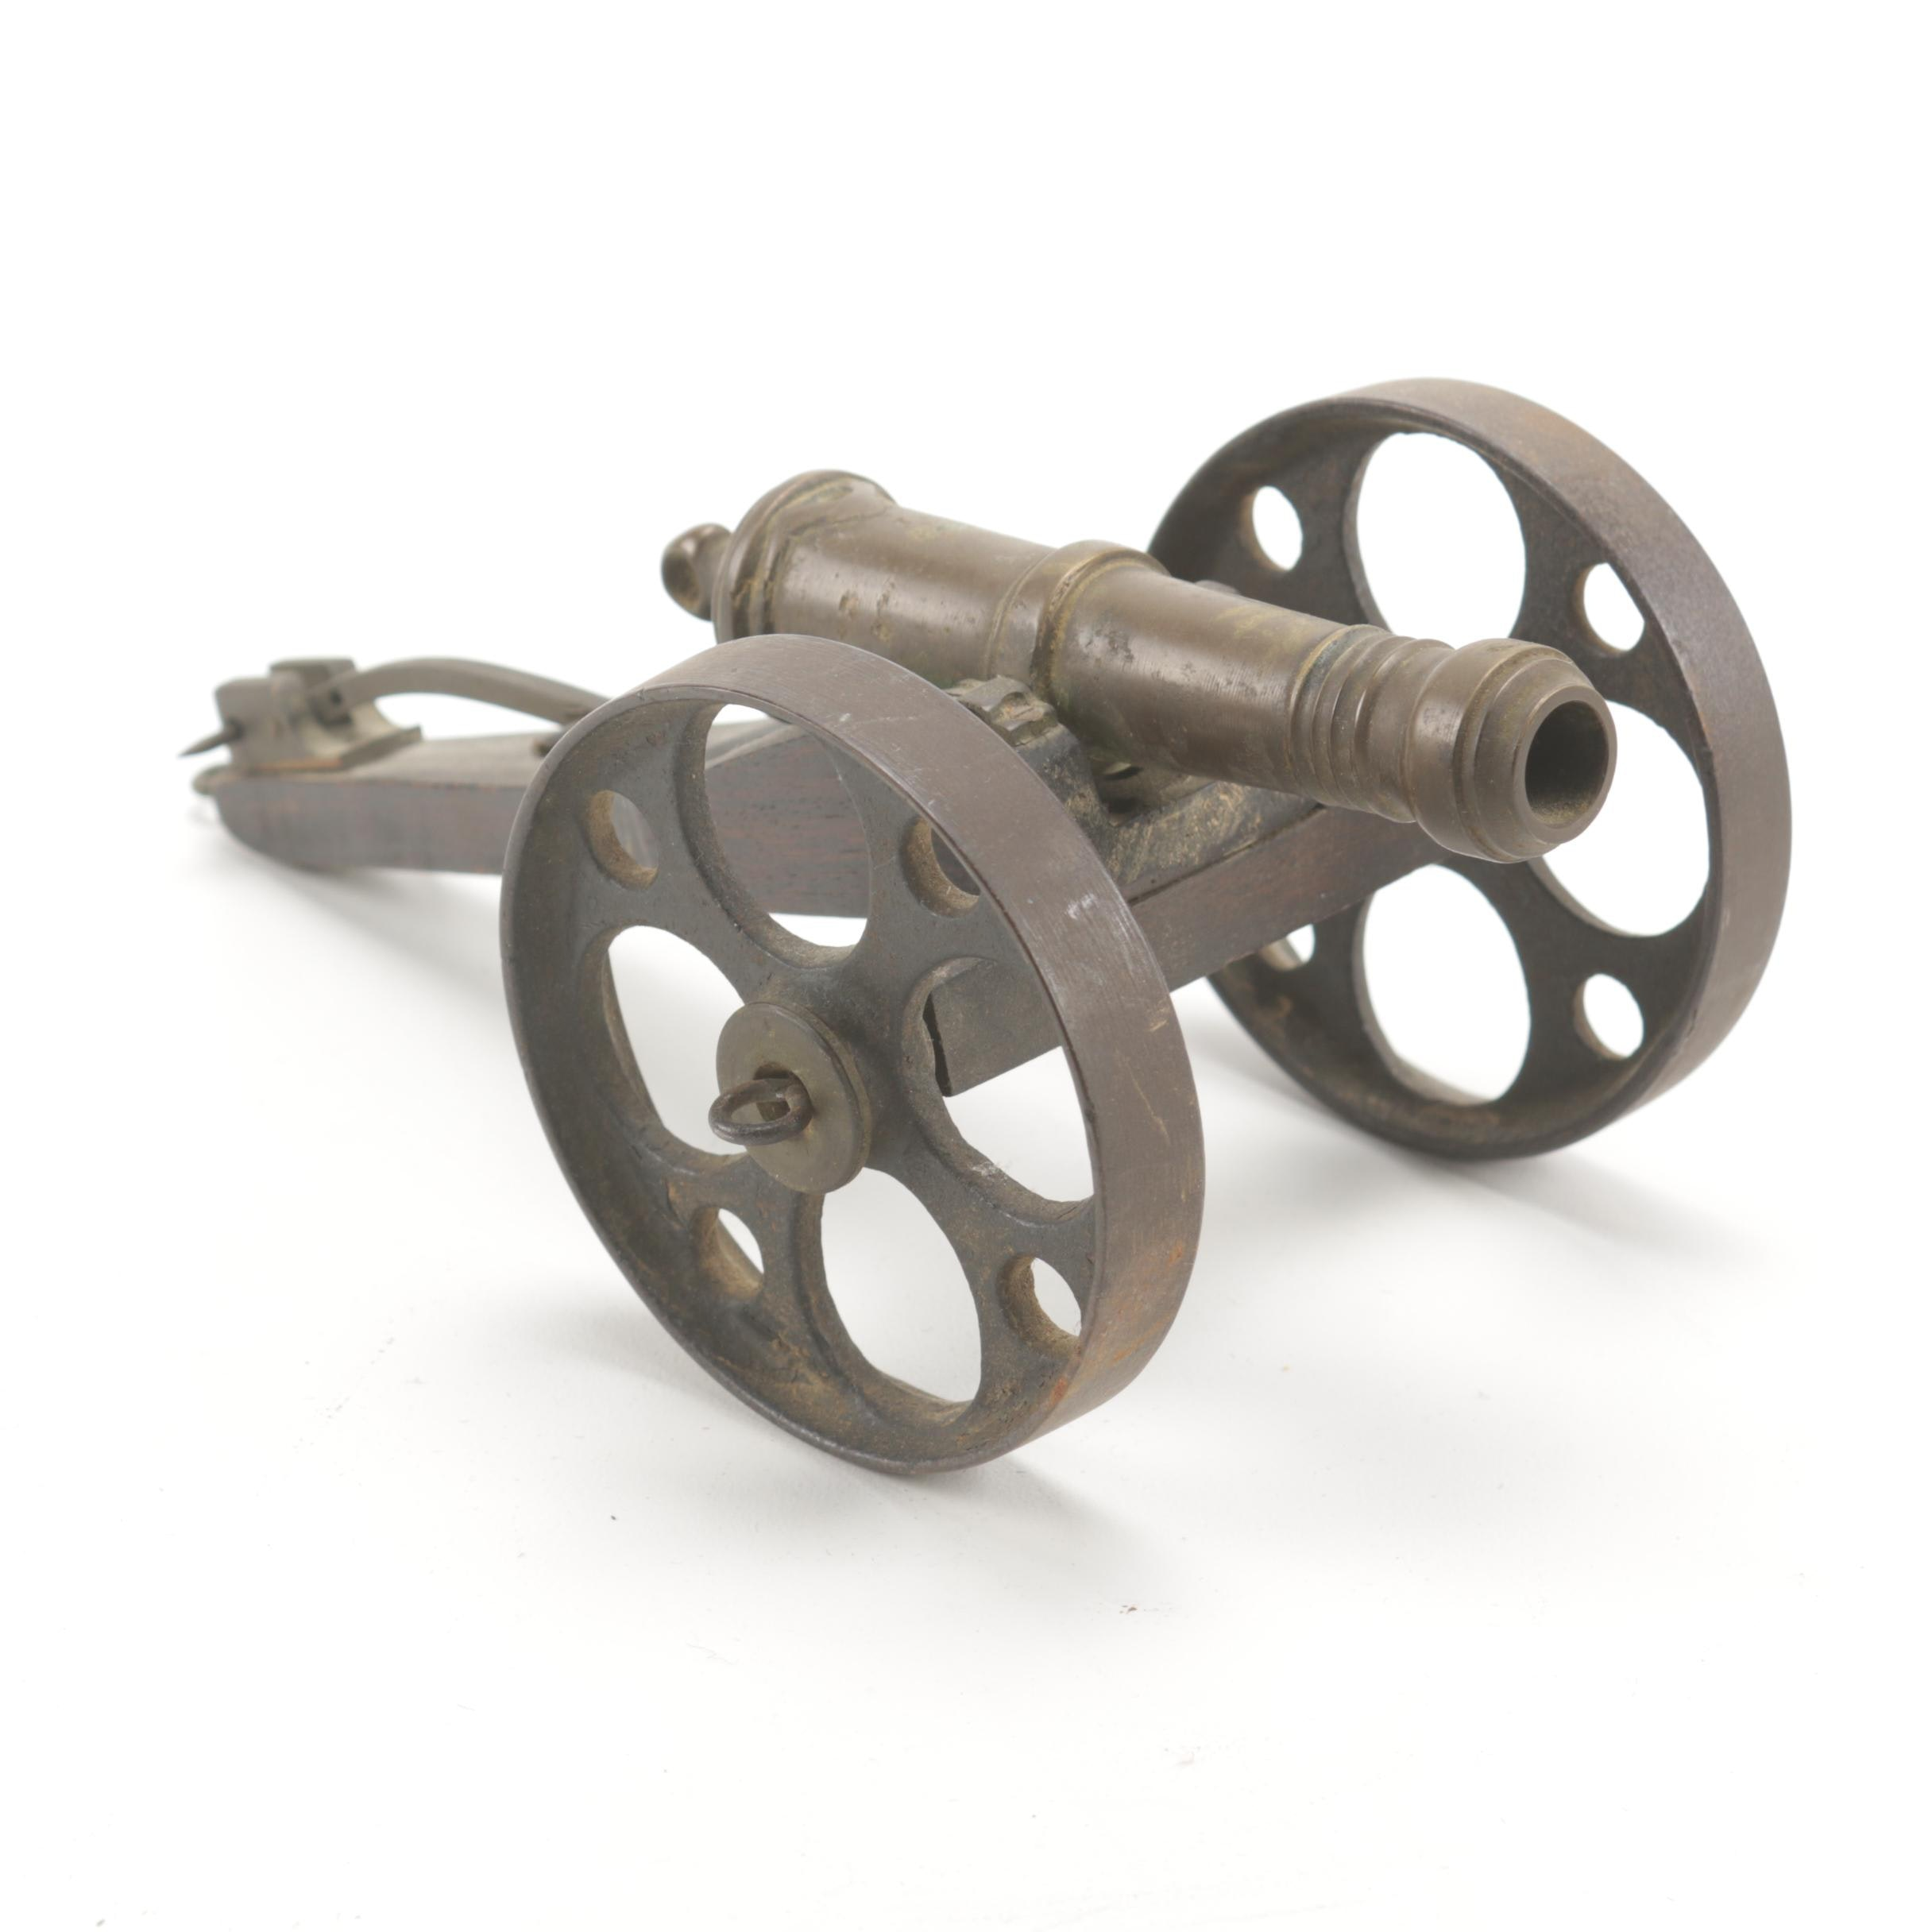 Scale Model Brass Field Cannon